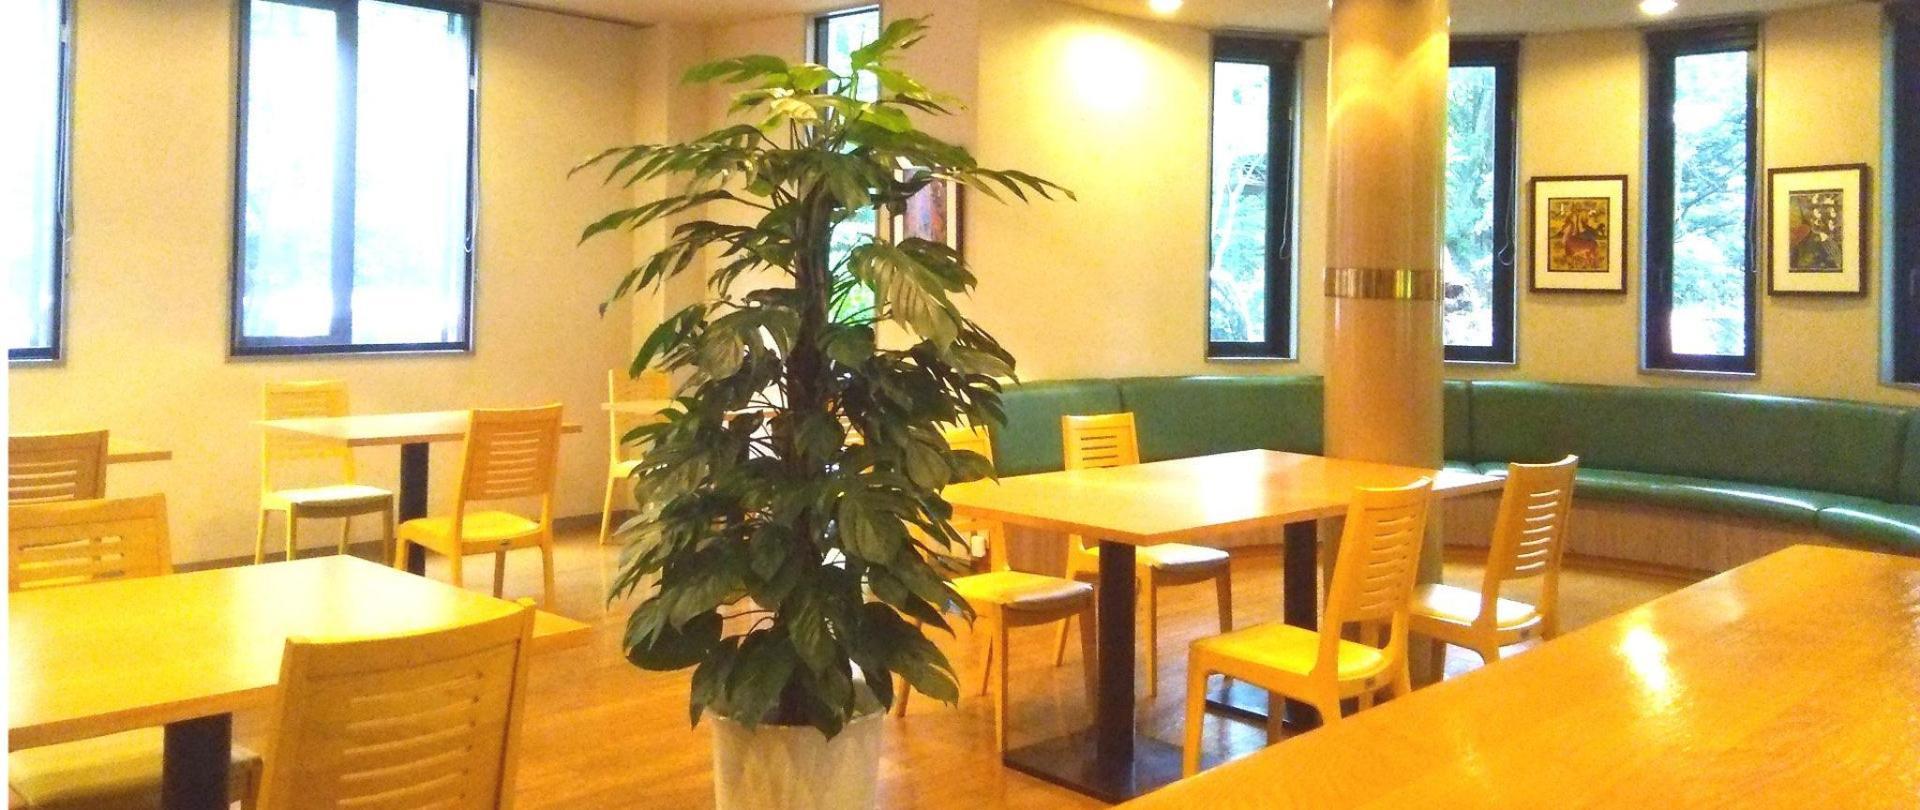 sevenresortskitakaruizawa_image_restaurant.jpg